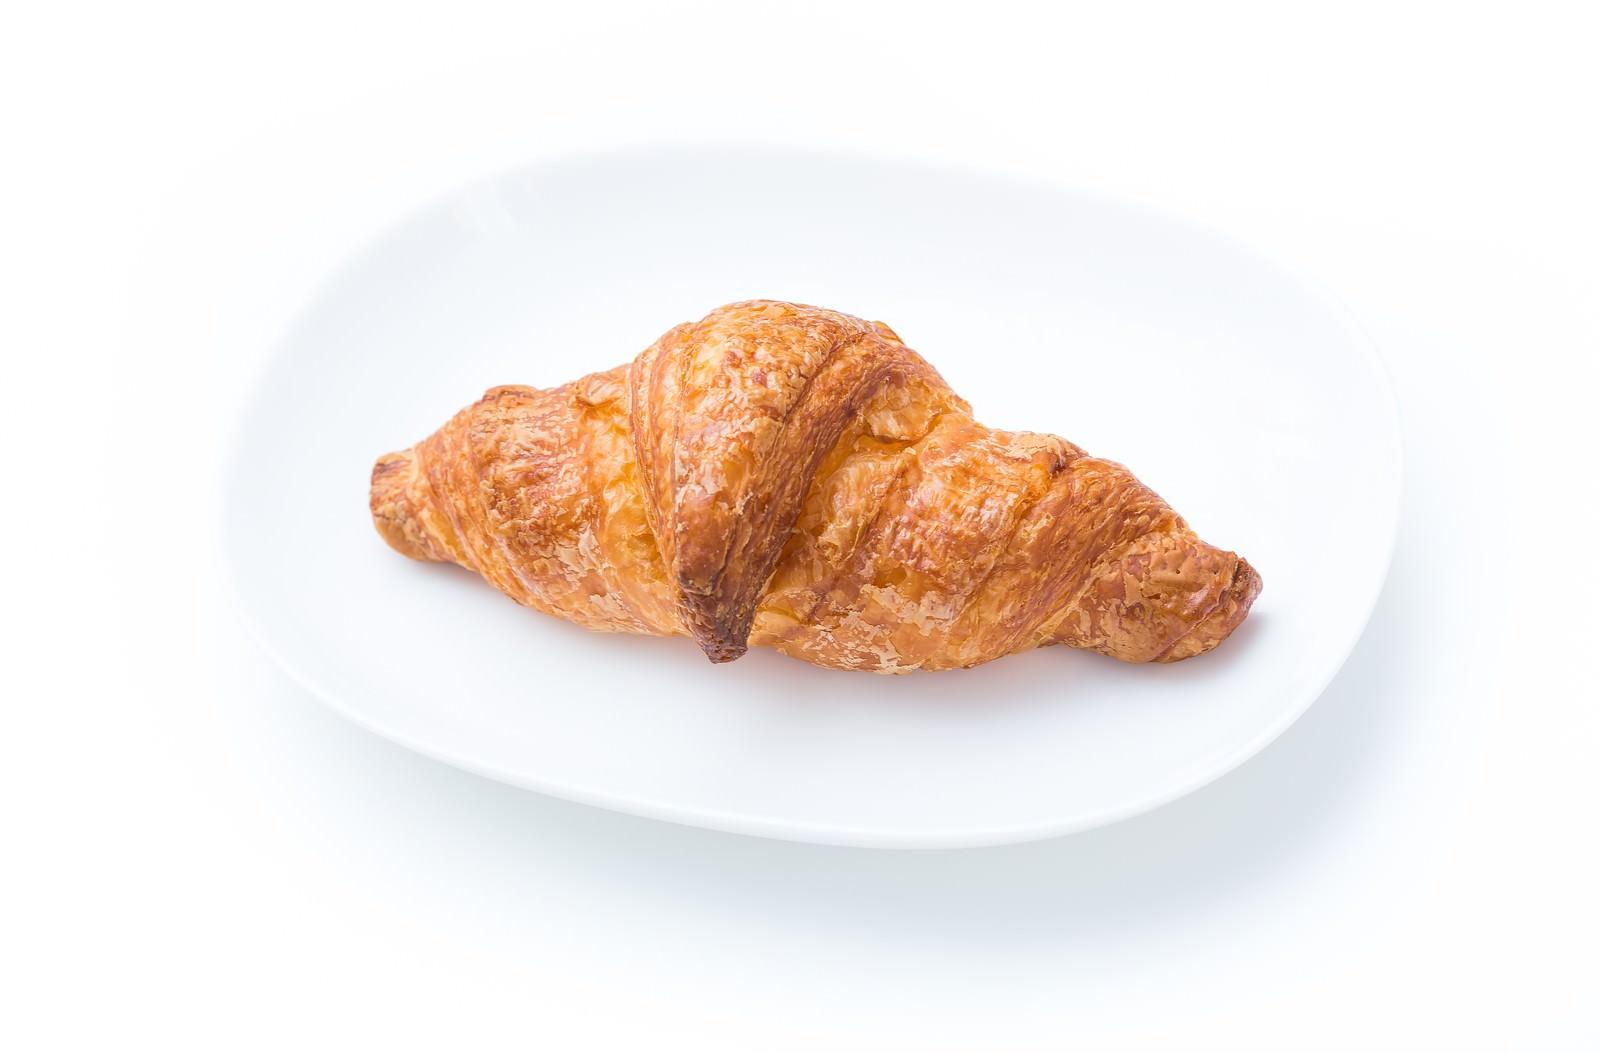 「白いお皿の上にのったクロワッサン」の写真